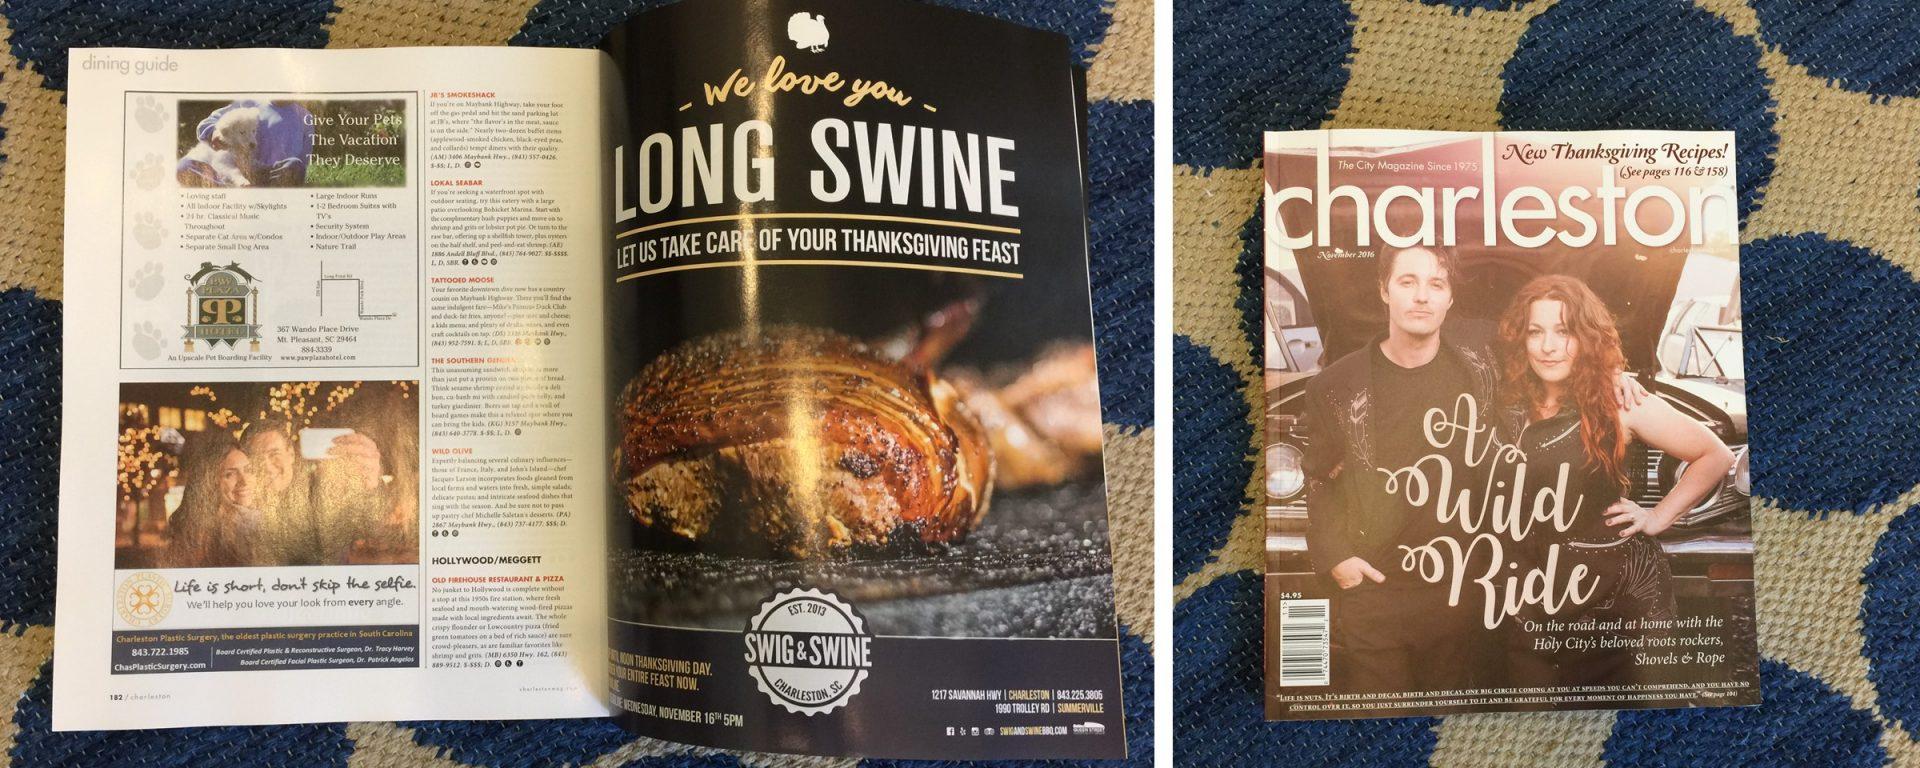 swig-swine-charleston-magazine